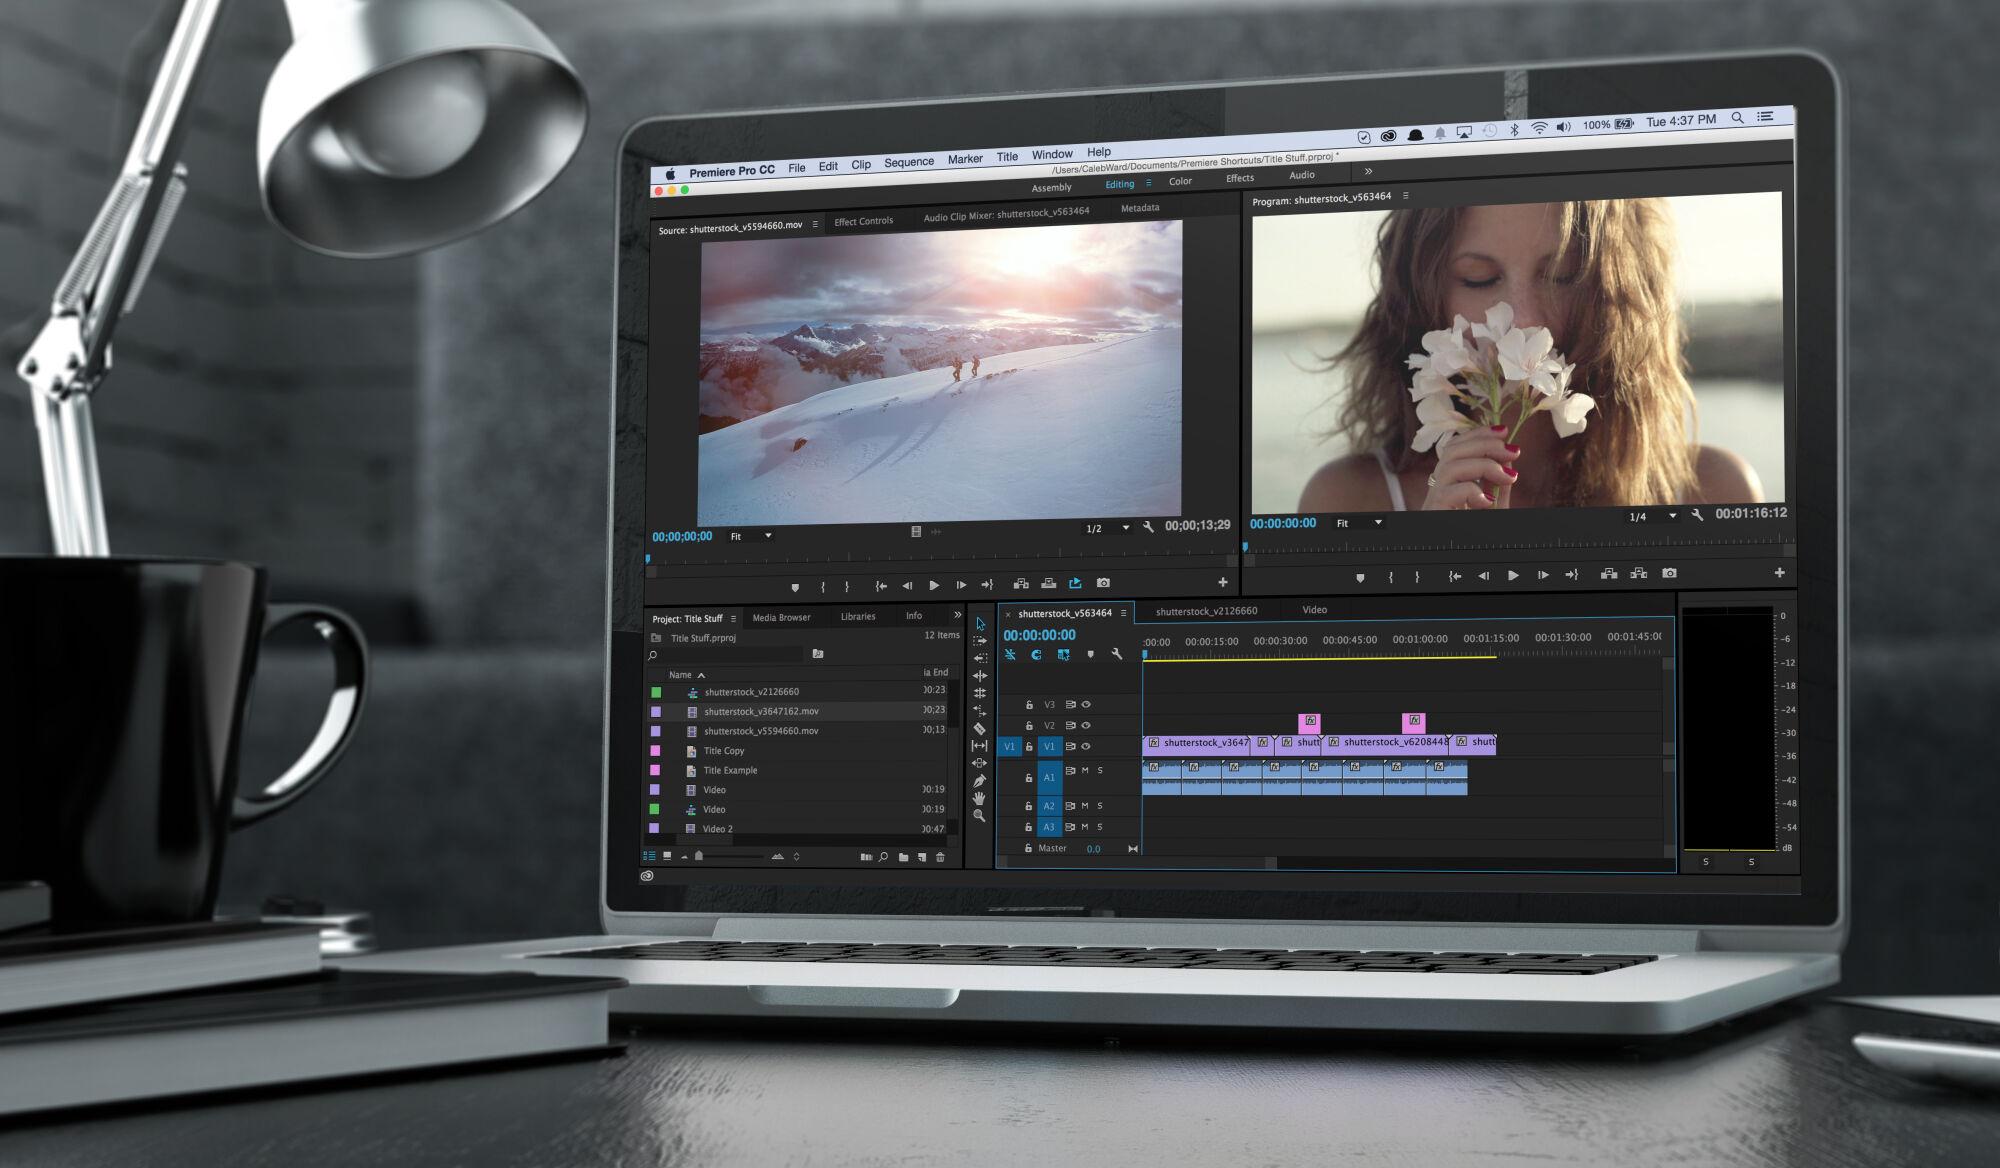 Inilah 7 Laptop Terbaik untuk Video Editing 2016!